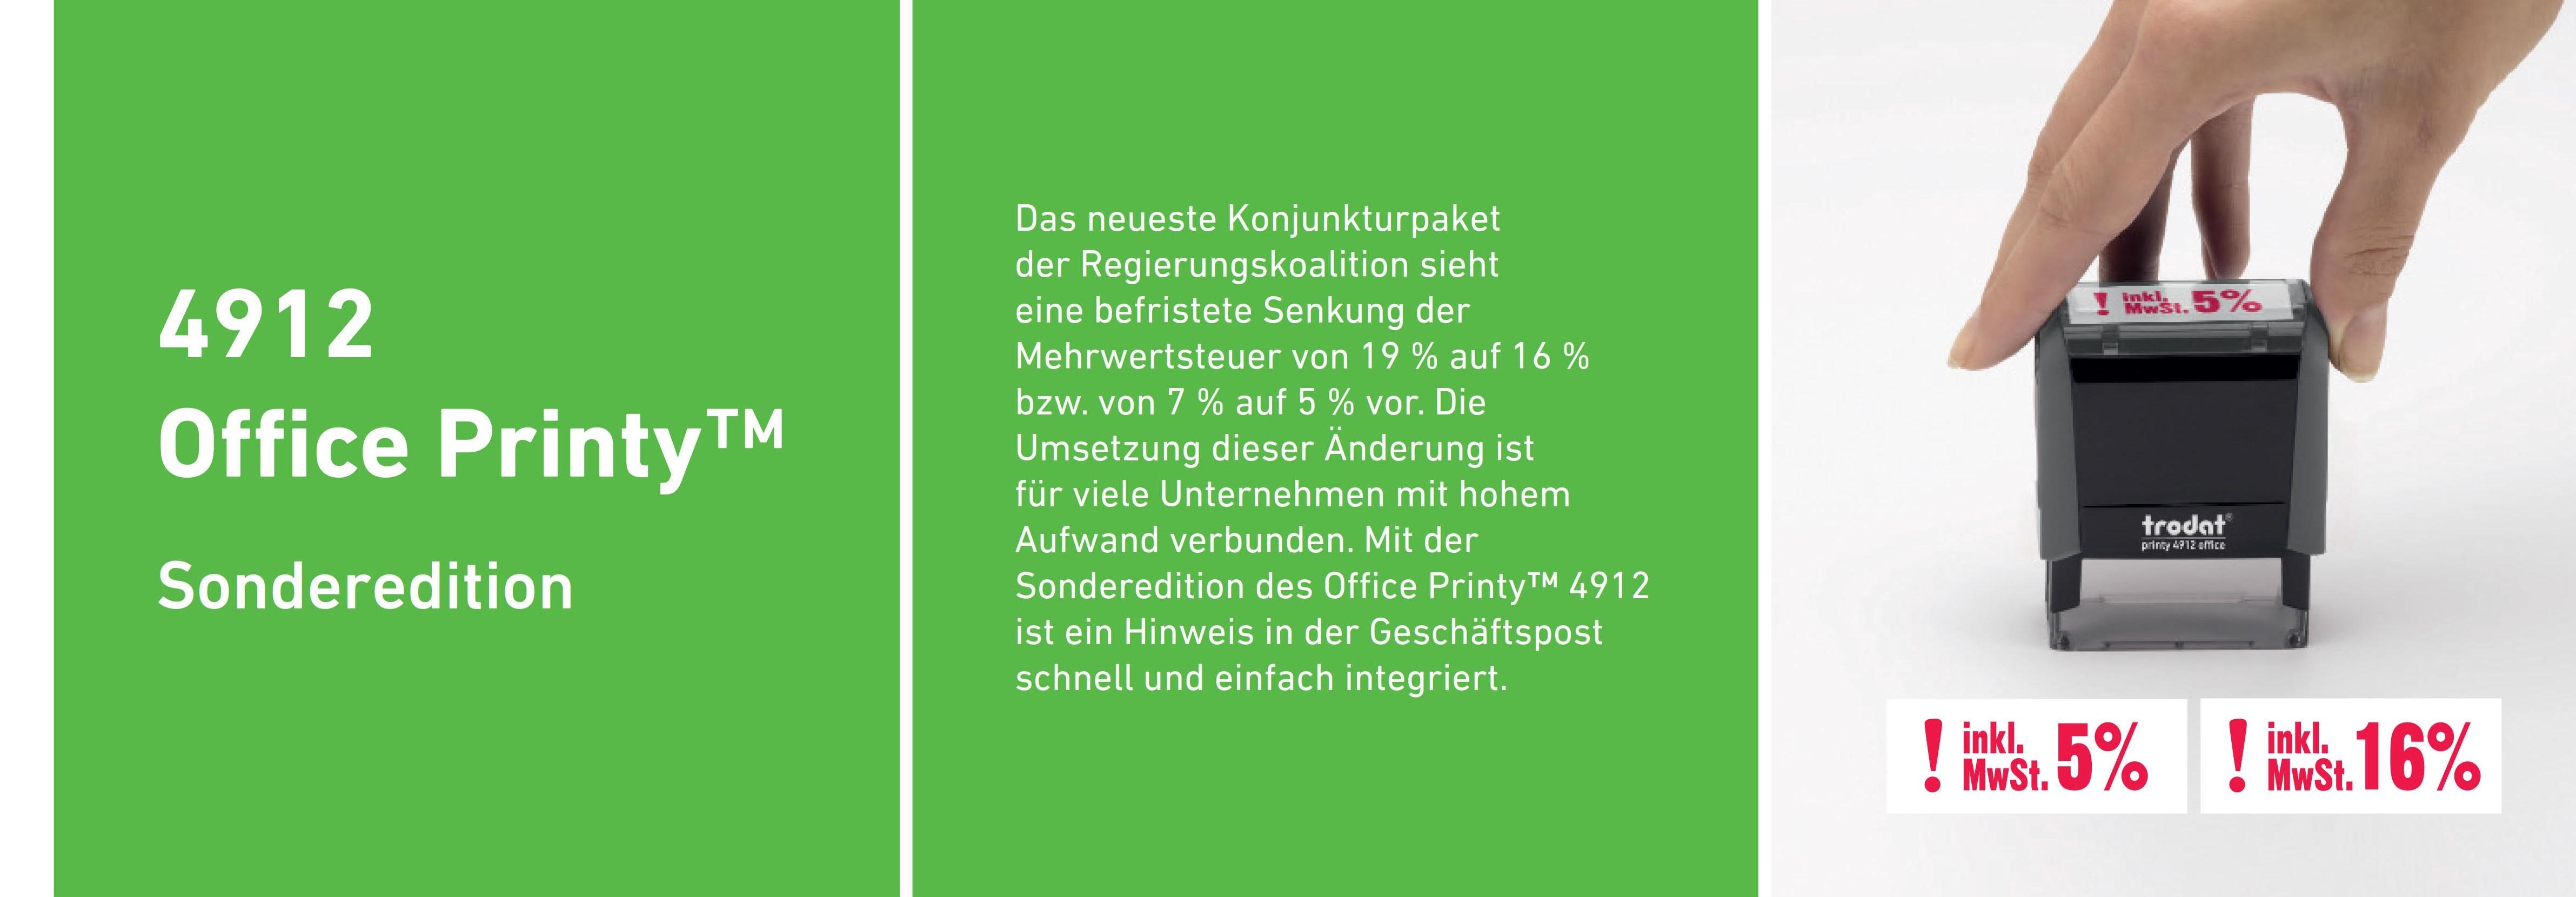 4912 Sonderedition MwSt - Umstellung